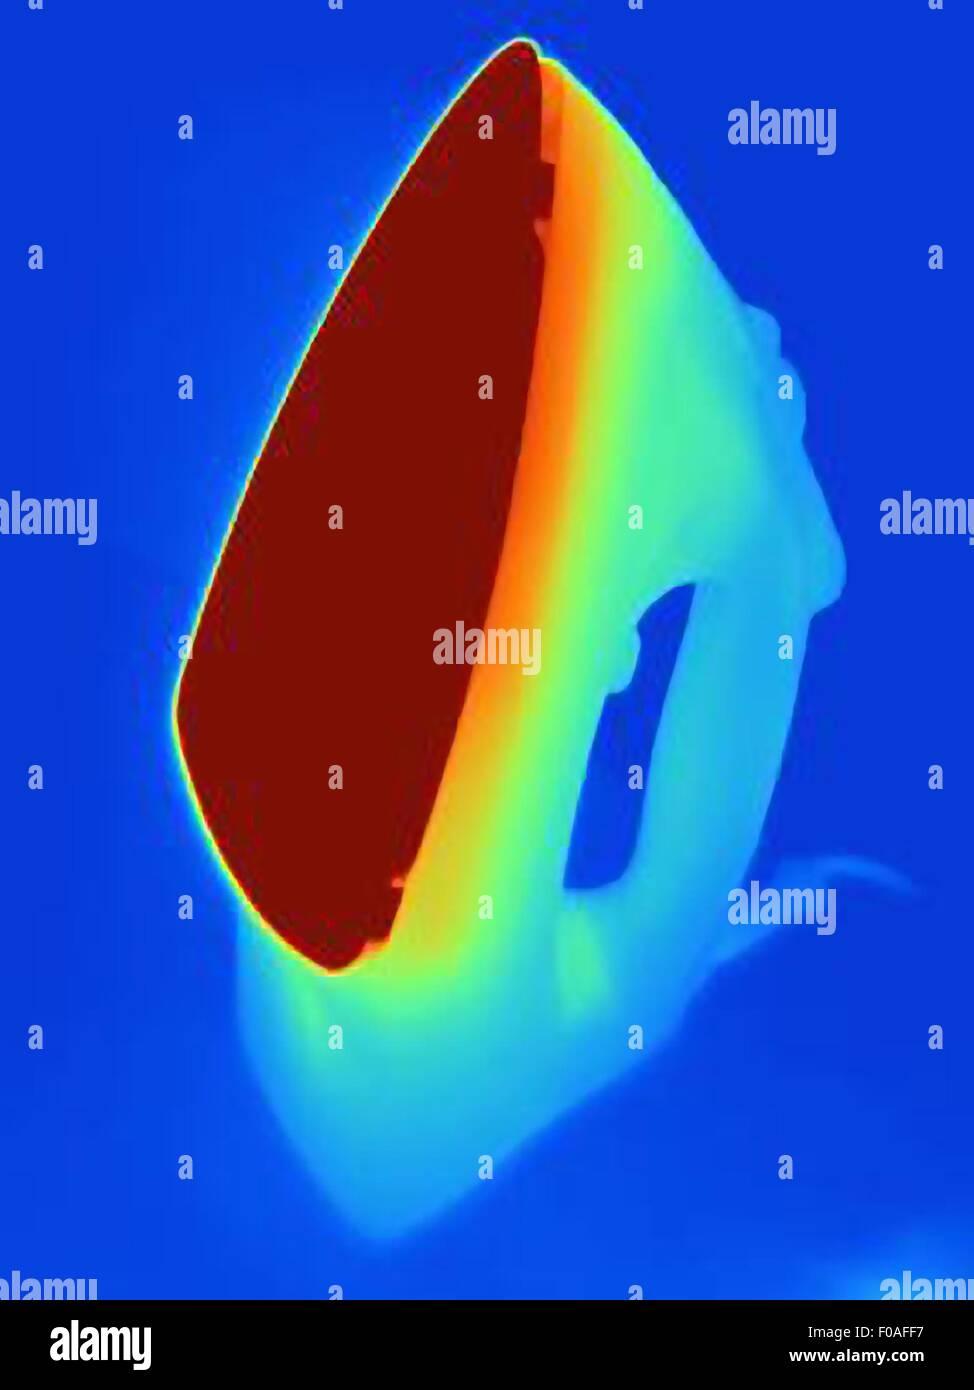 Image thermique d'un fer à repasser Photo Stock